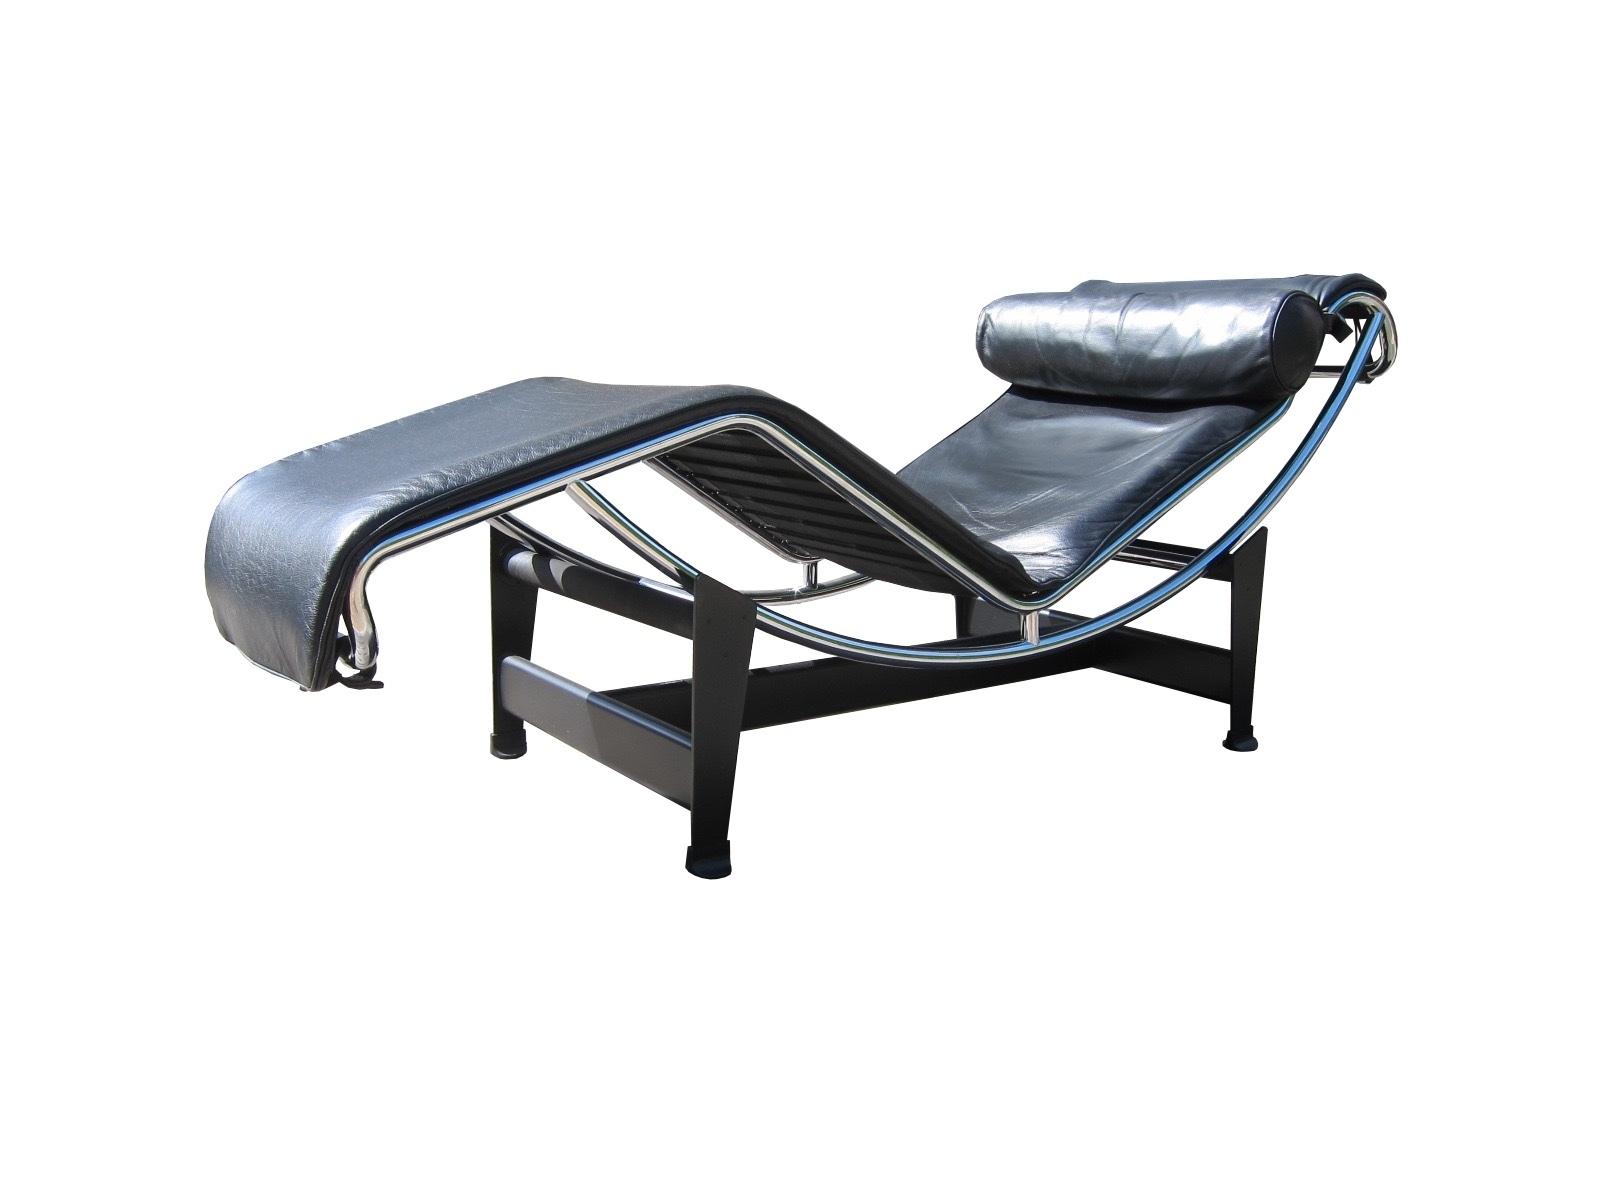 Cassina Lc4 Chaise Longue Le Corbusier Vintage Design